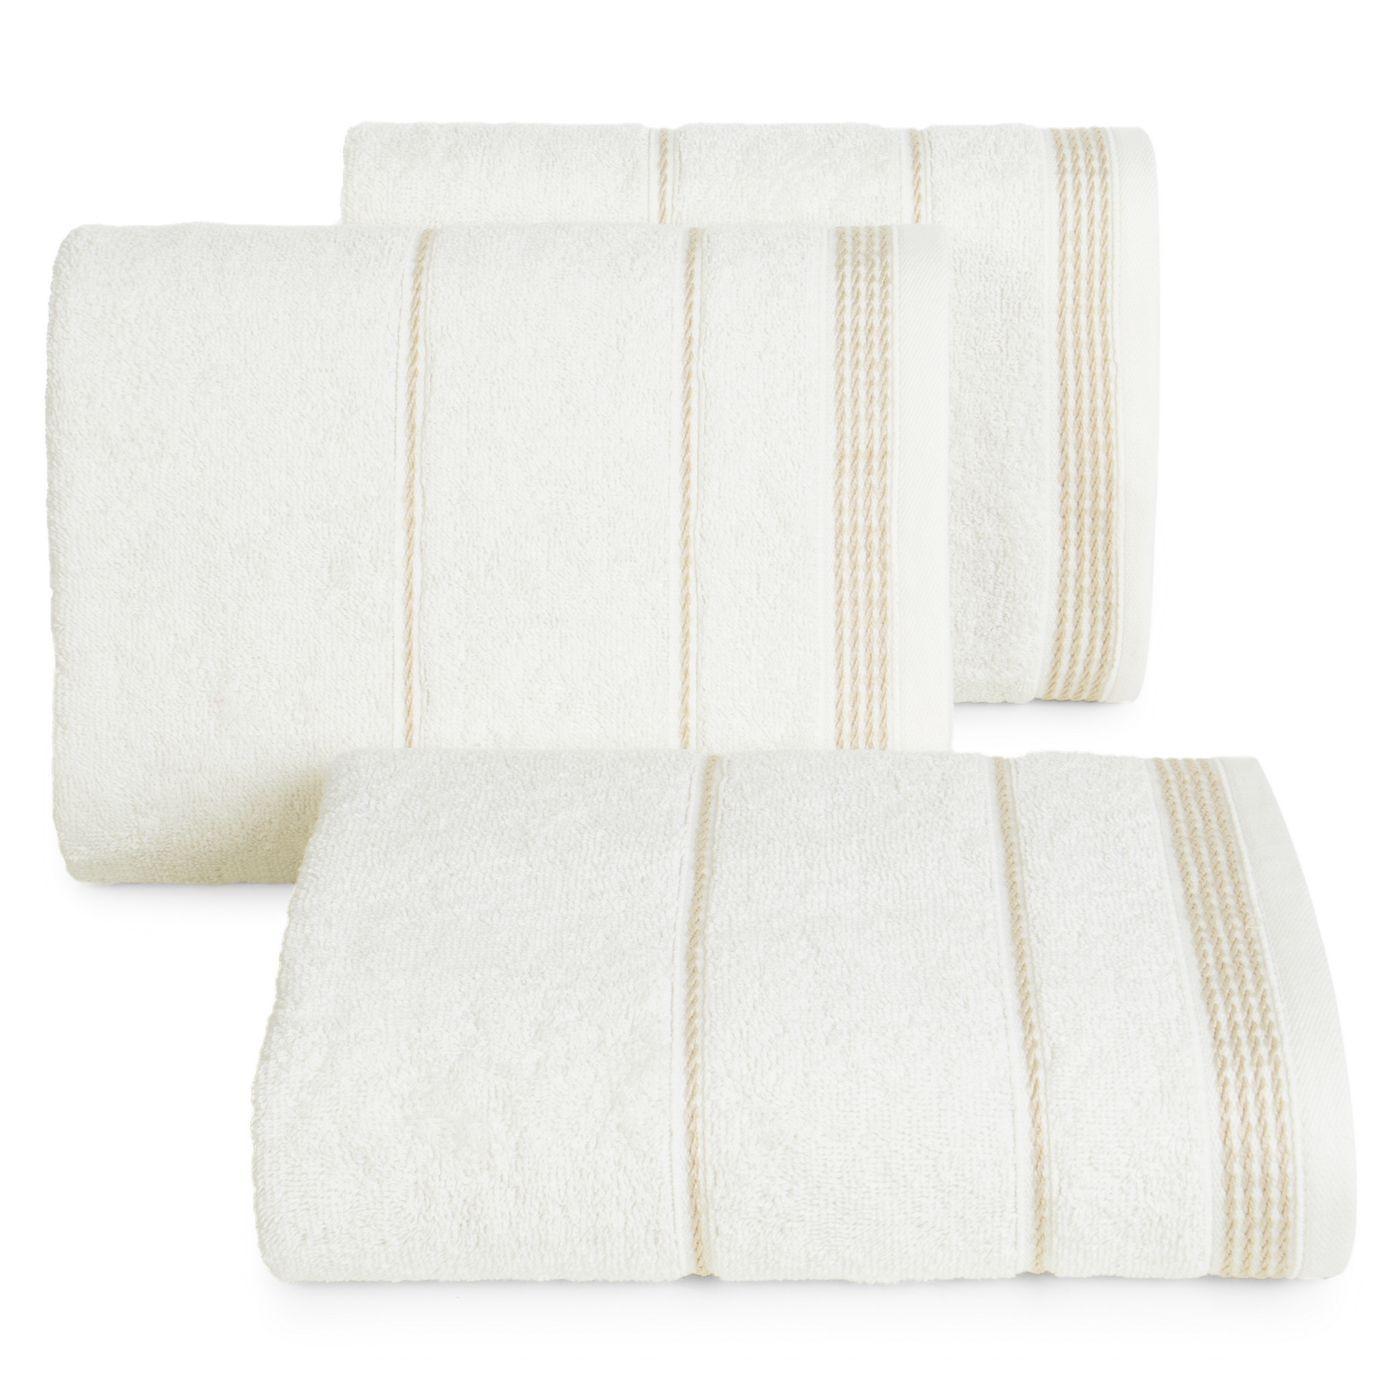 Ręcznik z bawełny ze sznurkowym zdobieniem 30x50cm